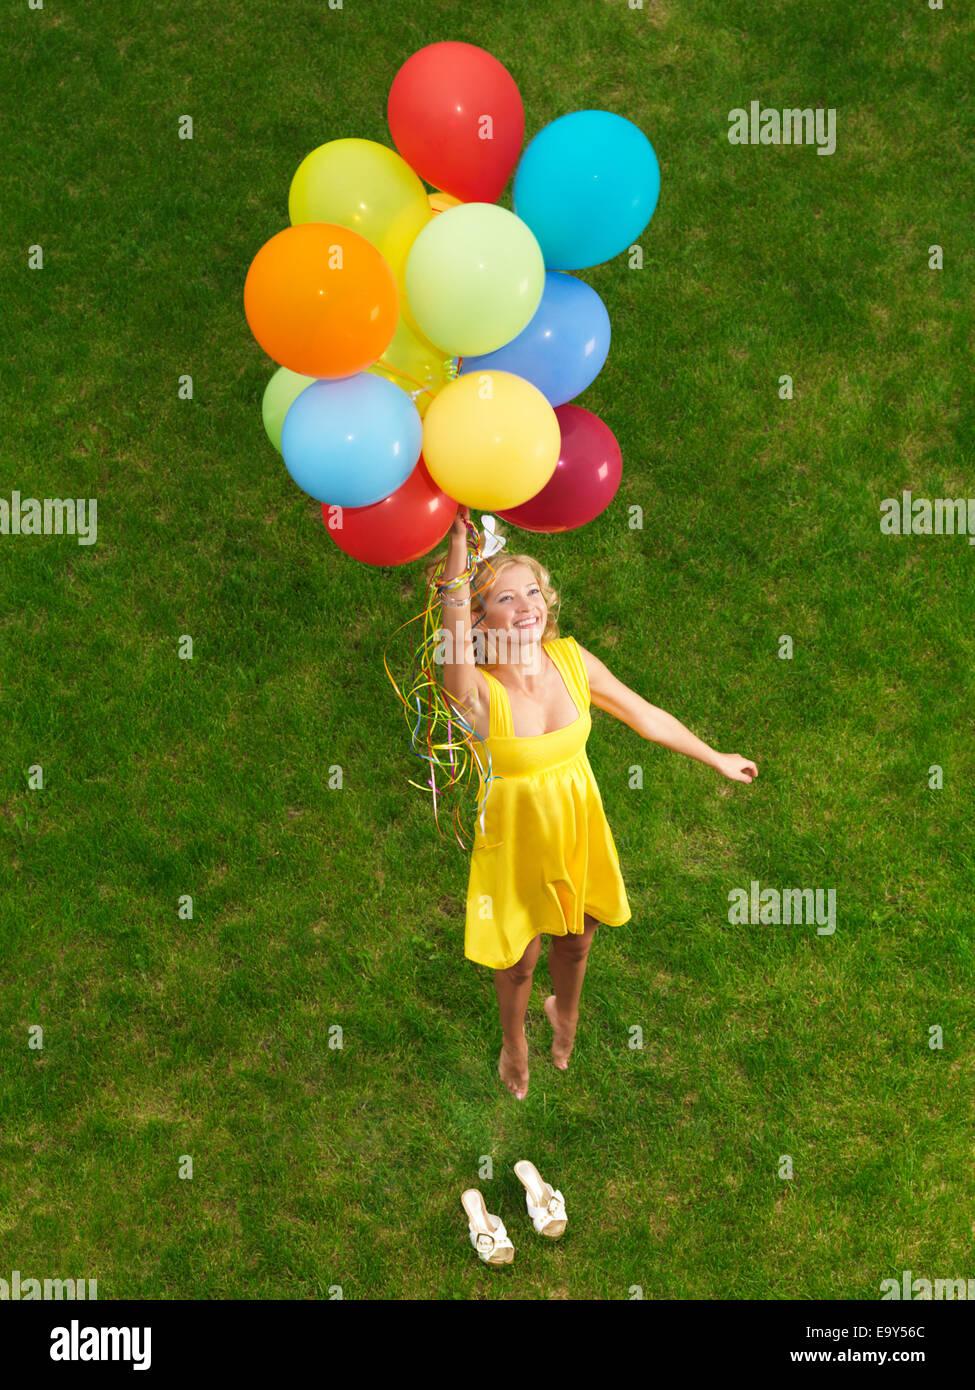 Giovane donna felice volare fino da terra su aria colorate mongolfiere Immagini Stock